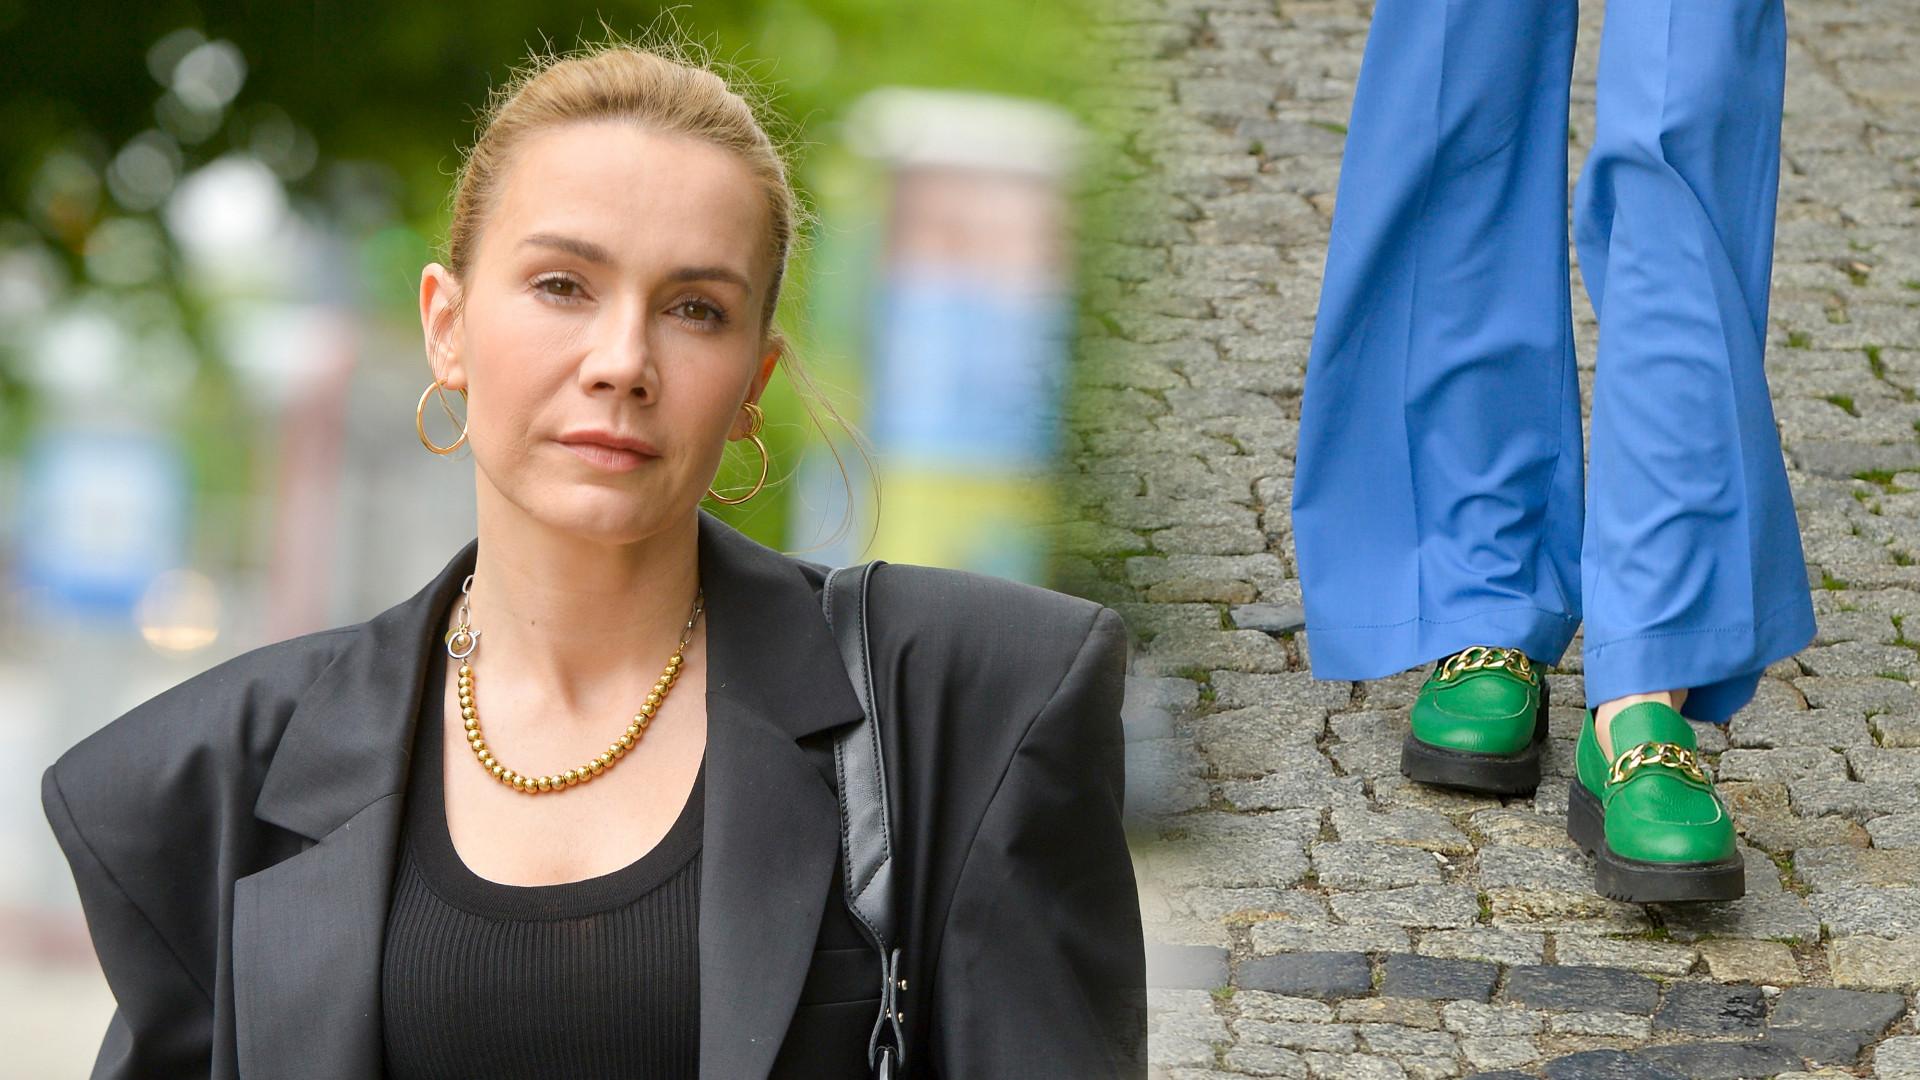 Gwiazdy DD TVN: Olga Bołądź pokazała zgrabne nogi, aktorka w ciekawym obuwiu (ZDJĘCIA)